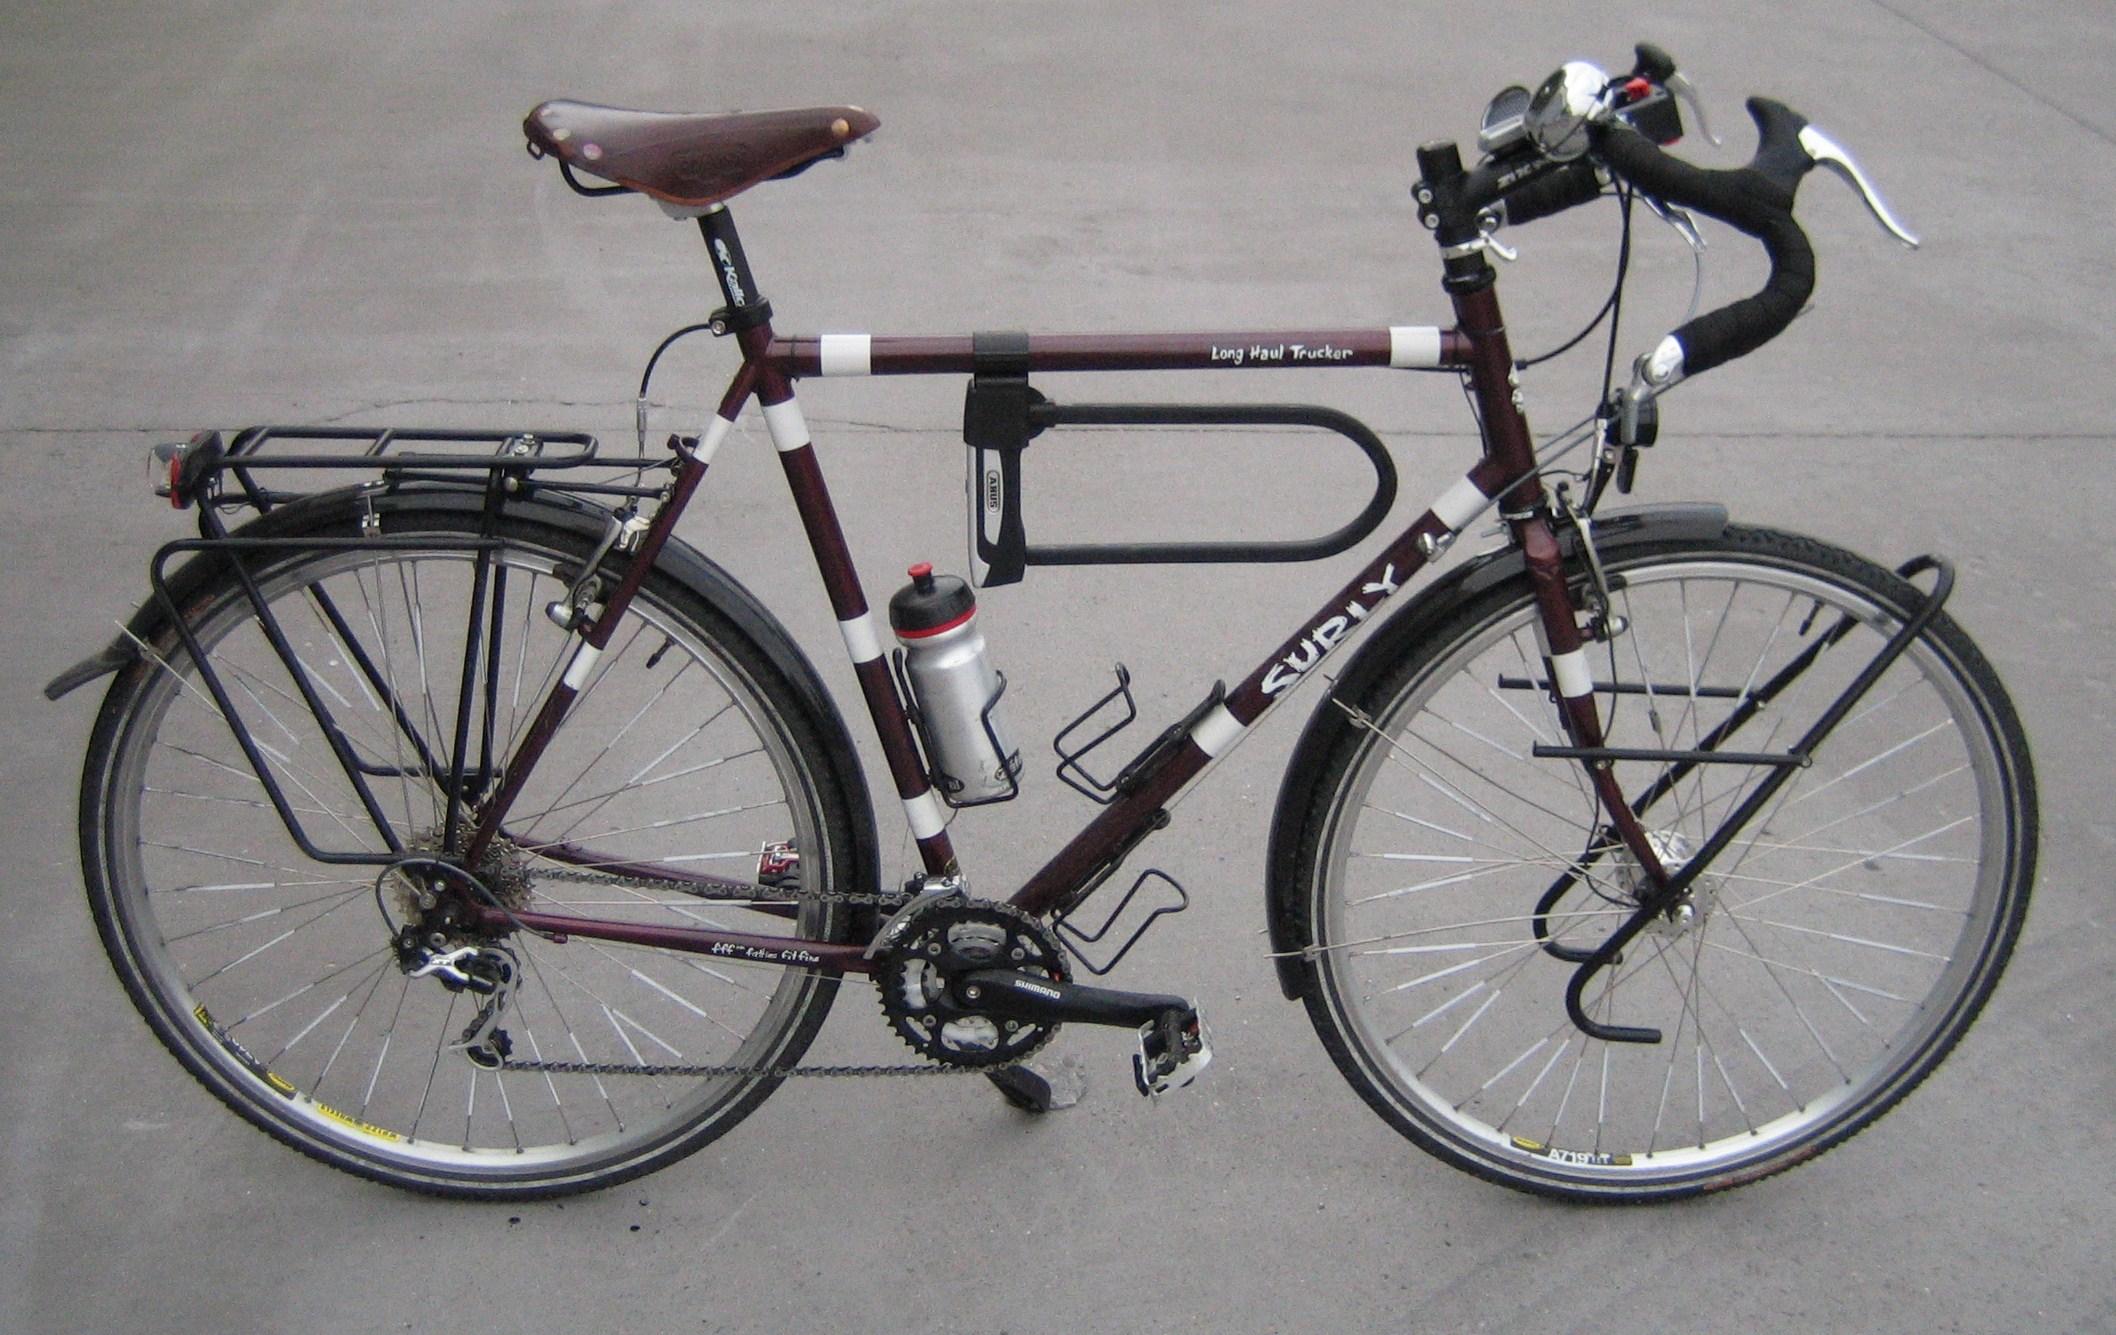 Se monter un vélo pour les nuls ?! - Page 2 10020708064246605389707